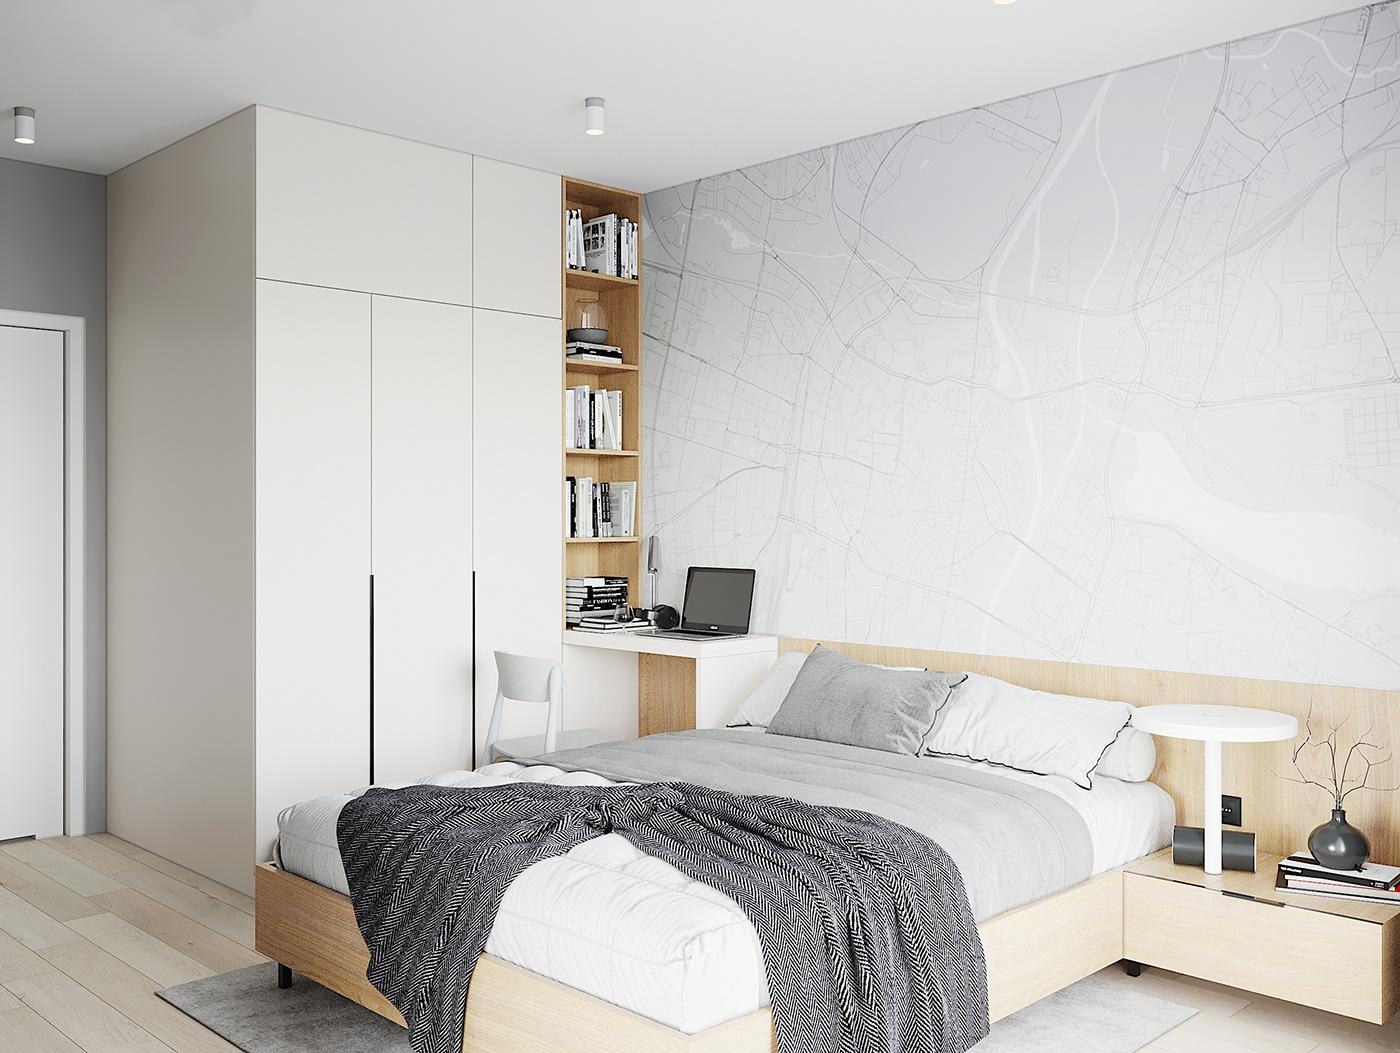 Tư vấn thiết kế căn hộ 90m² theo phong cách Scandinavian cho gia đình 3 người, chi phí 200 triệu - Ảnh 9.